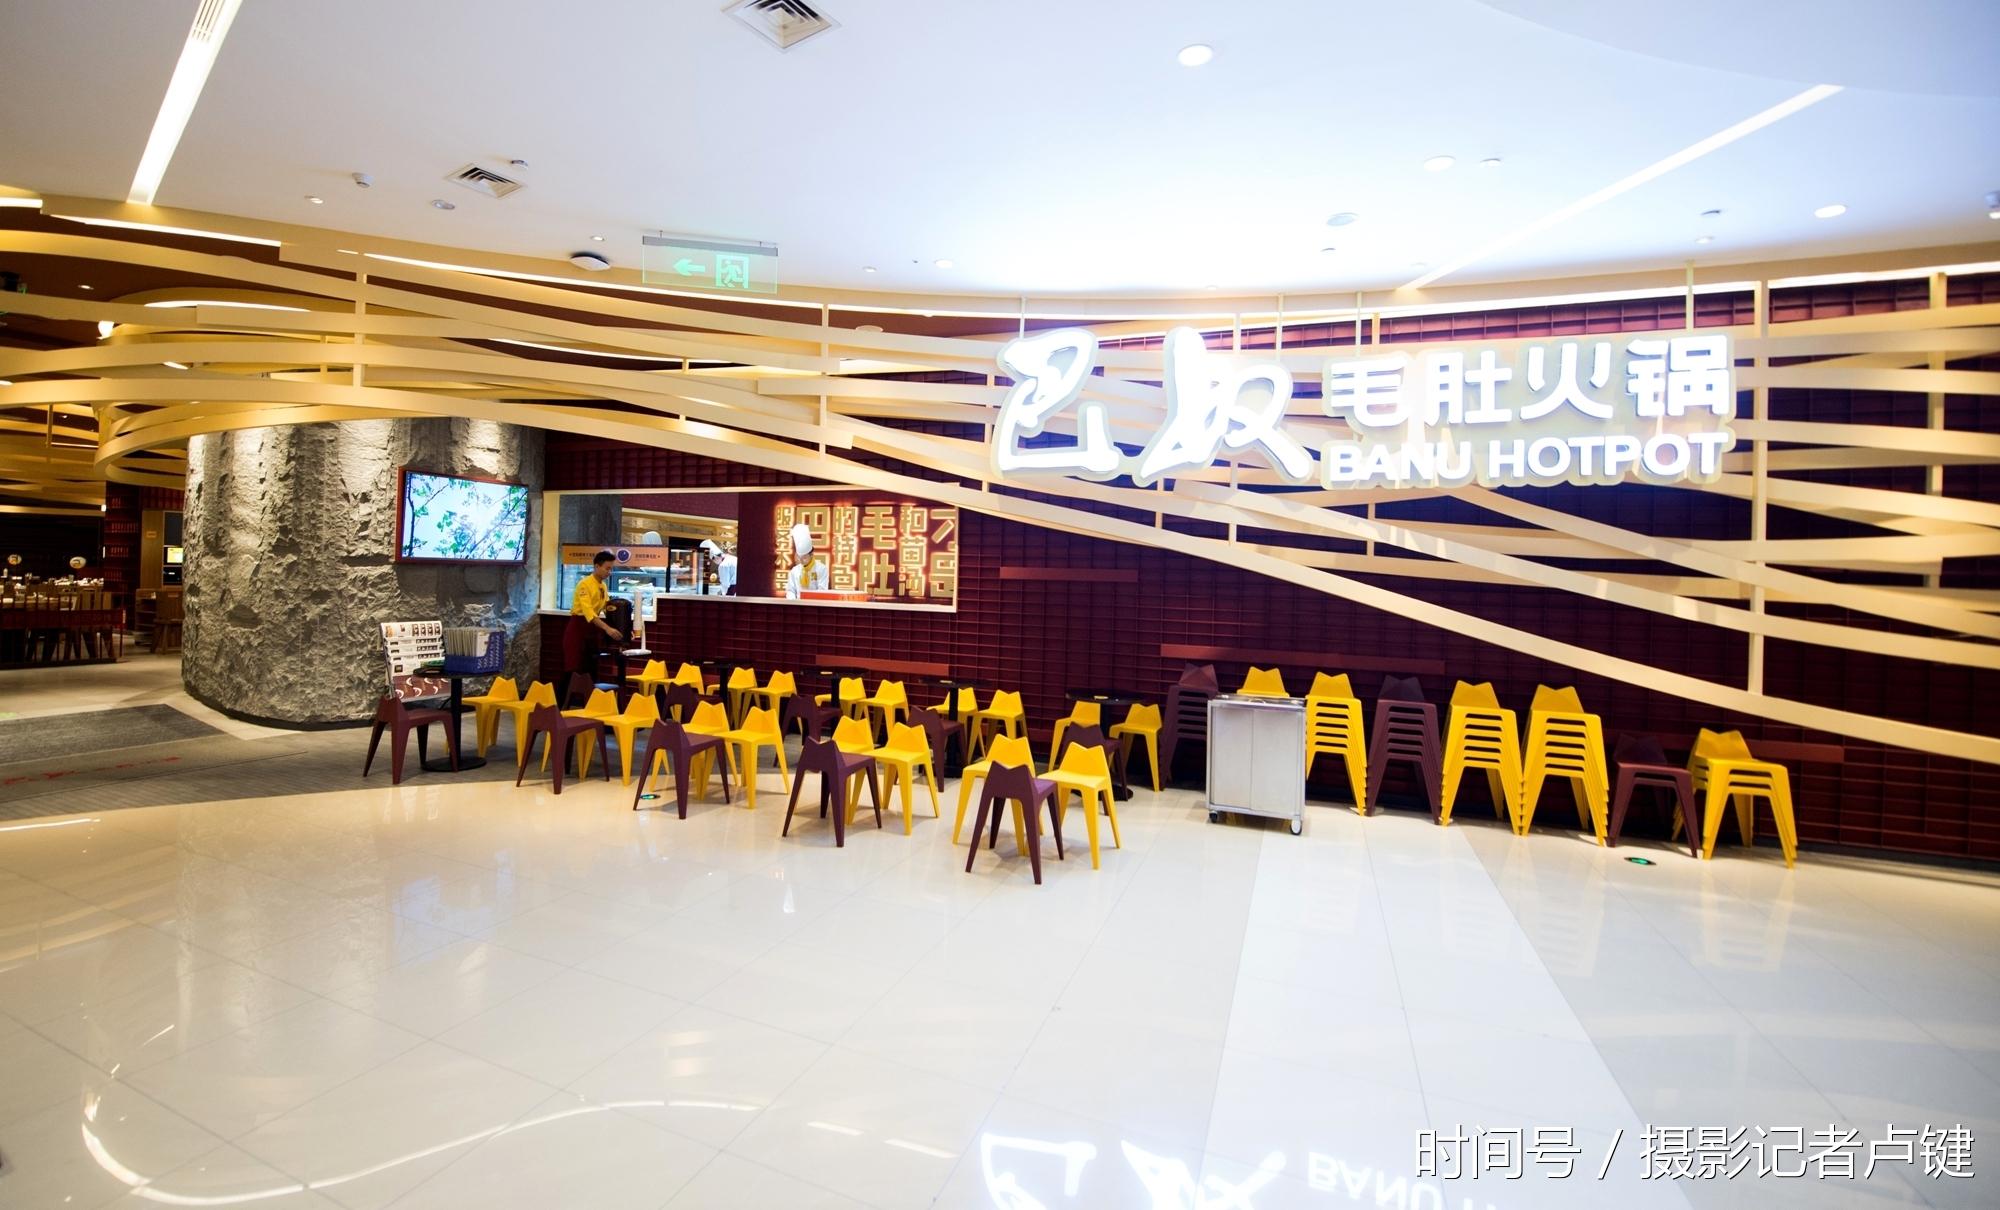 郑州:巴奴进驻河南顶级商场大卫城,展示火锅新时尚